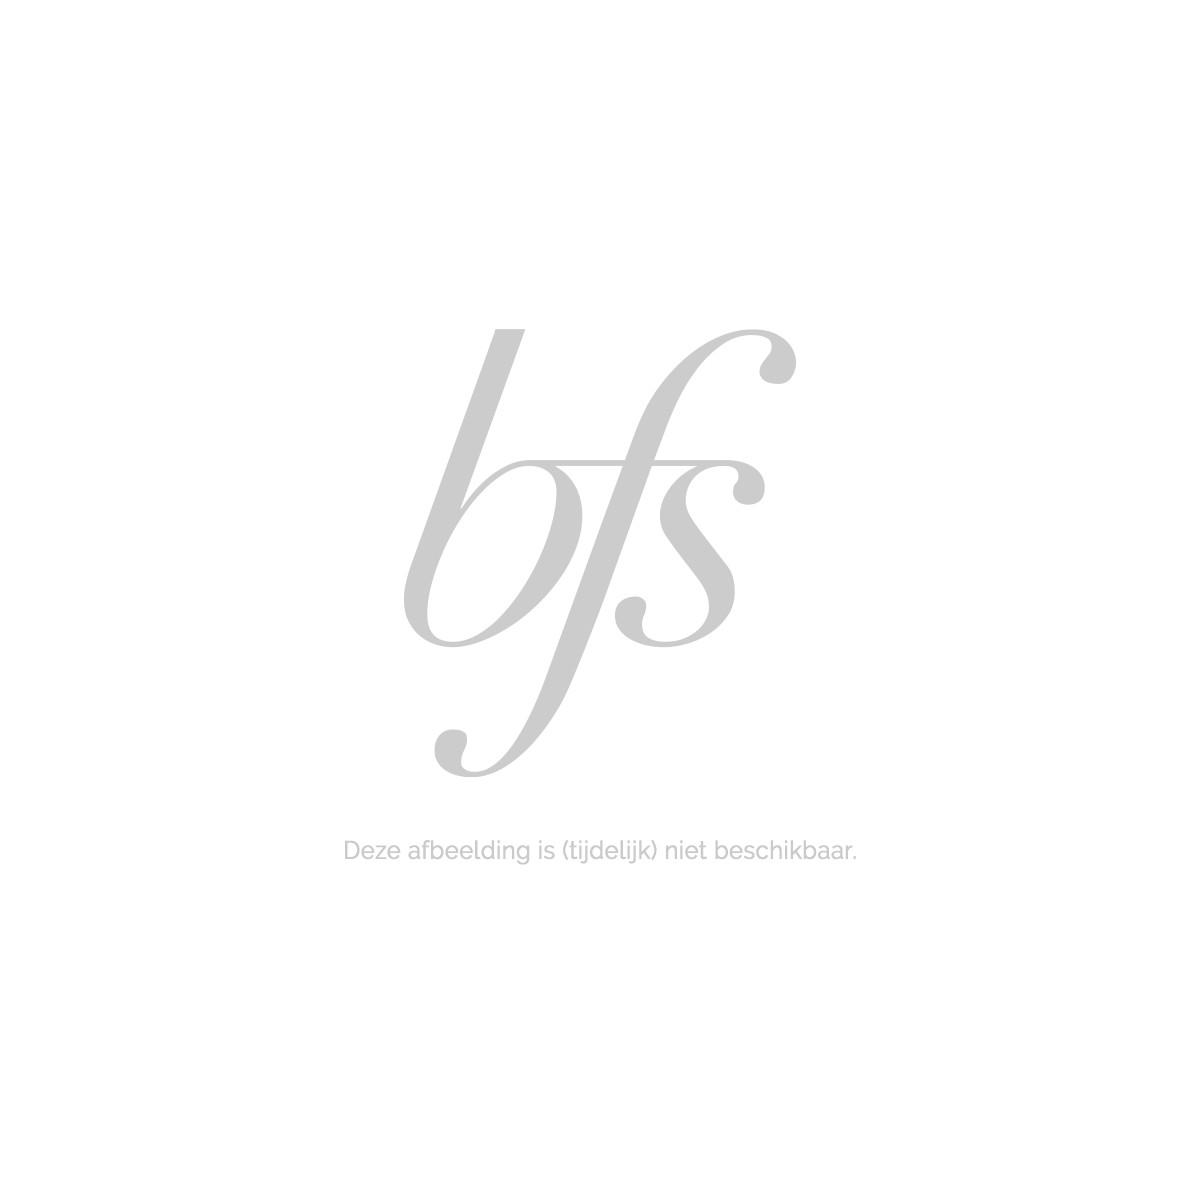 Pupa IM Matt Lipstick 073 Irresistible Burgunduy